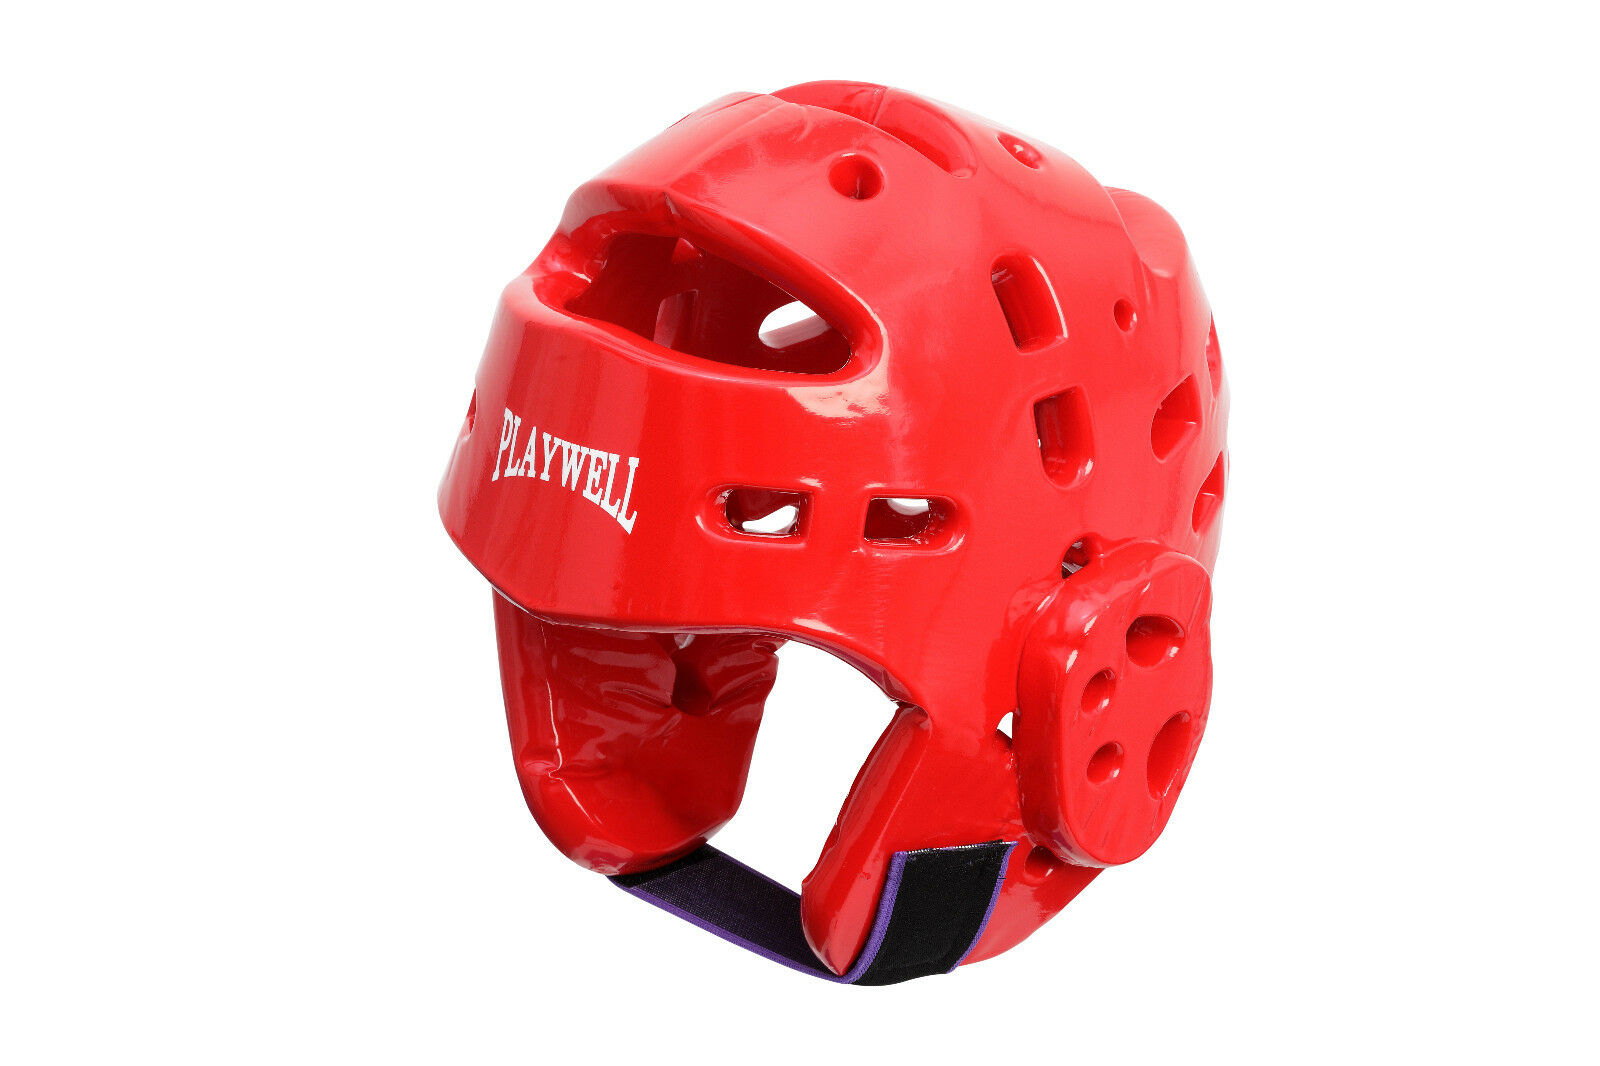 Playwell Dipped Foam Head Guard Red Taekwondo Karate Tkd Martial Arts Helmet